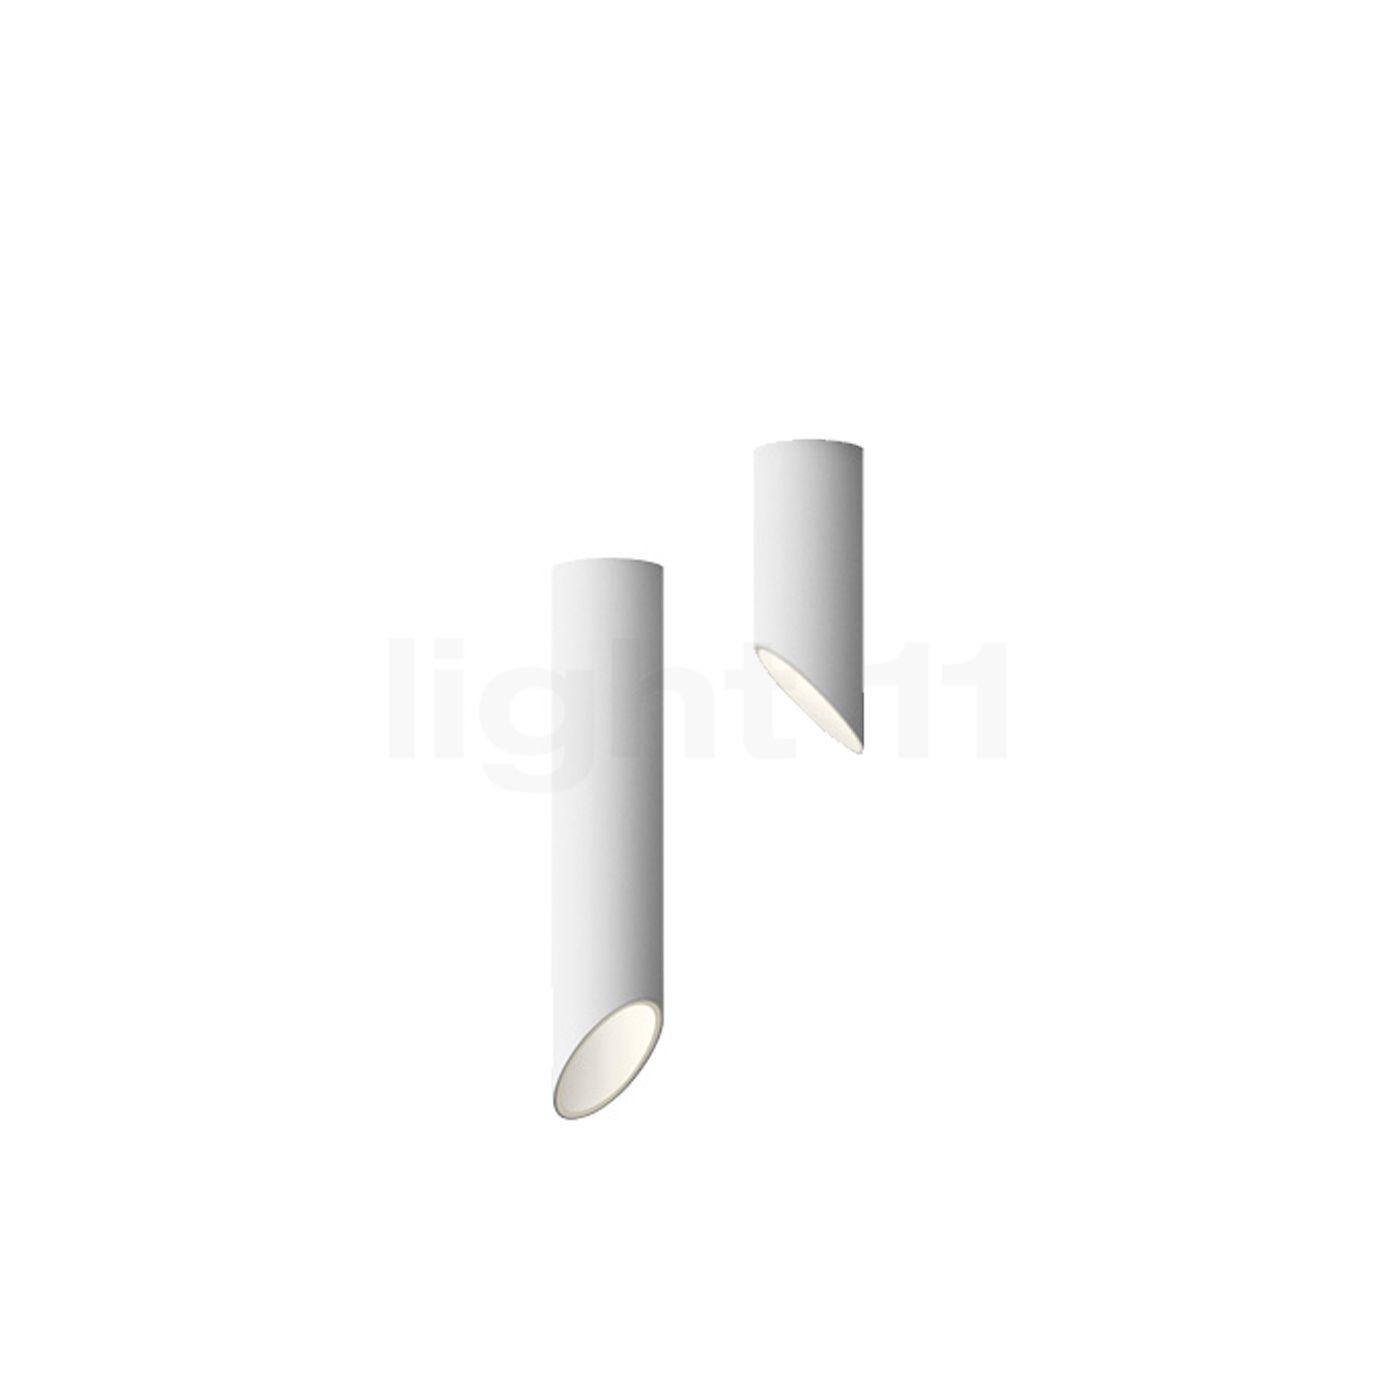 Vibia 45Grad Plafonnier LED  3001428400004 3 p Résultat Supérieur 15 Superbe Plafonnier Led Noir Image 2017 Shdy7